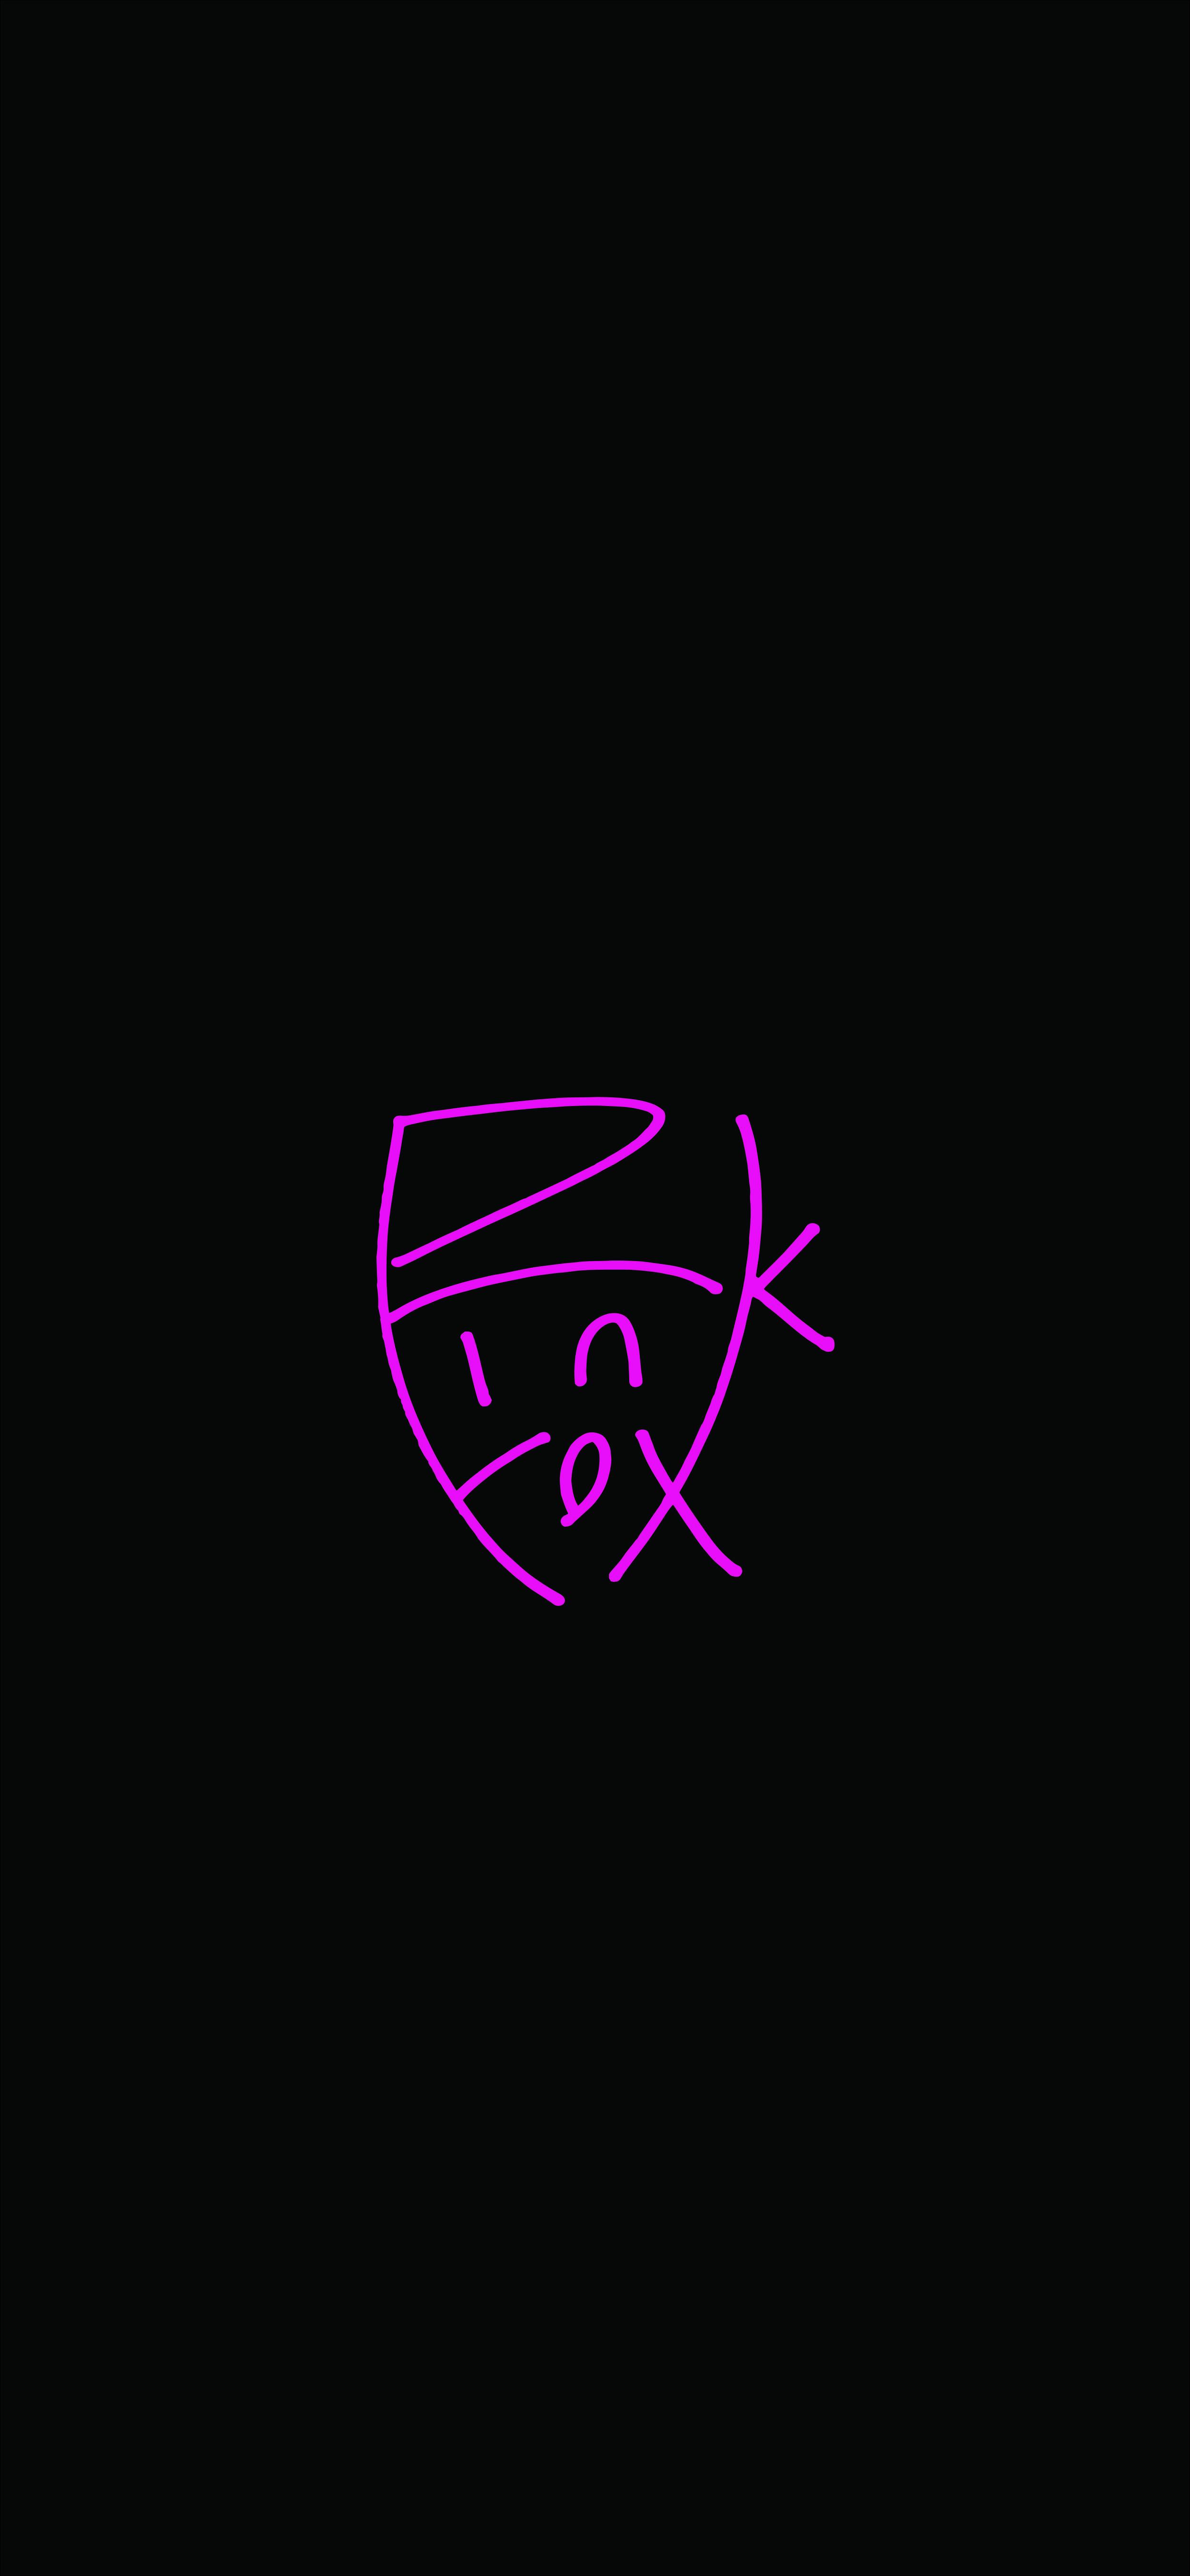 iPhone X BG - Basic Black Pink.jpg